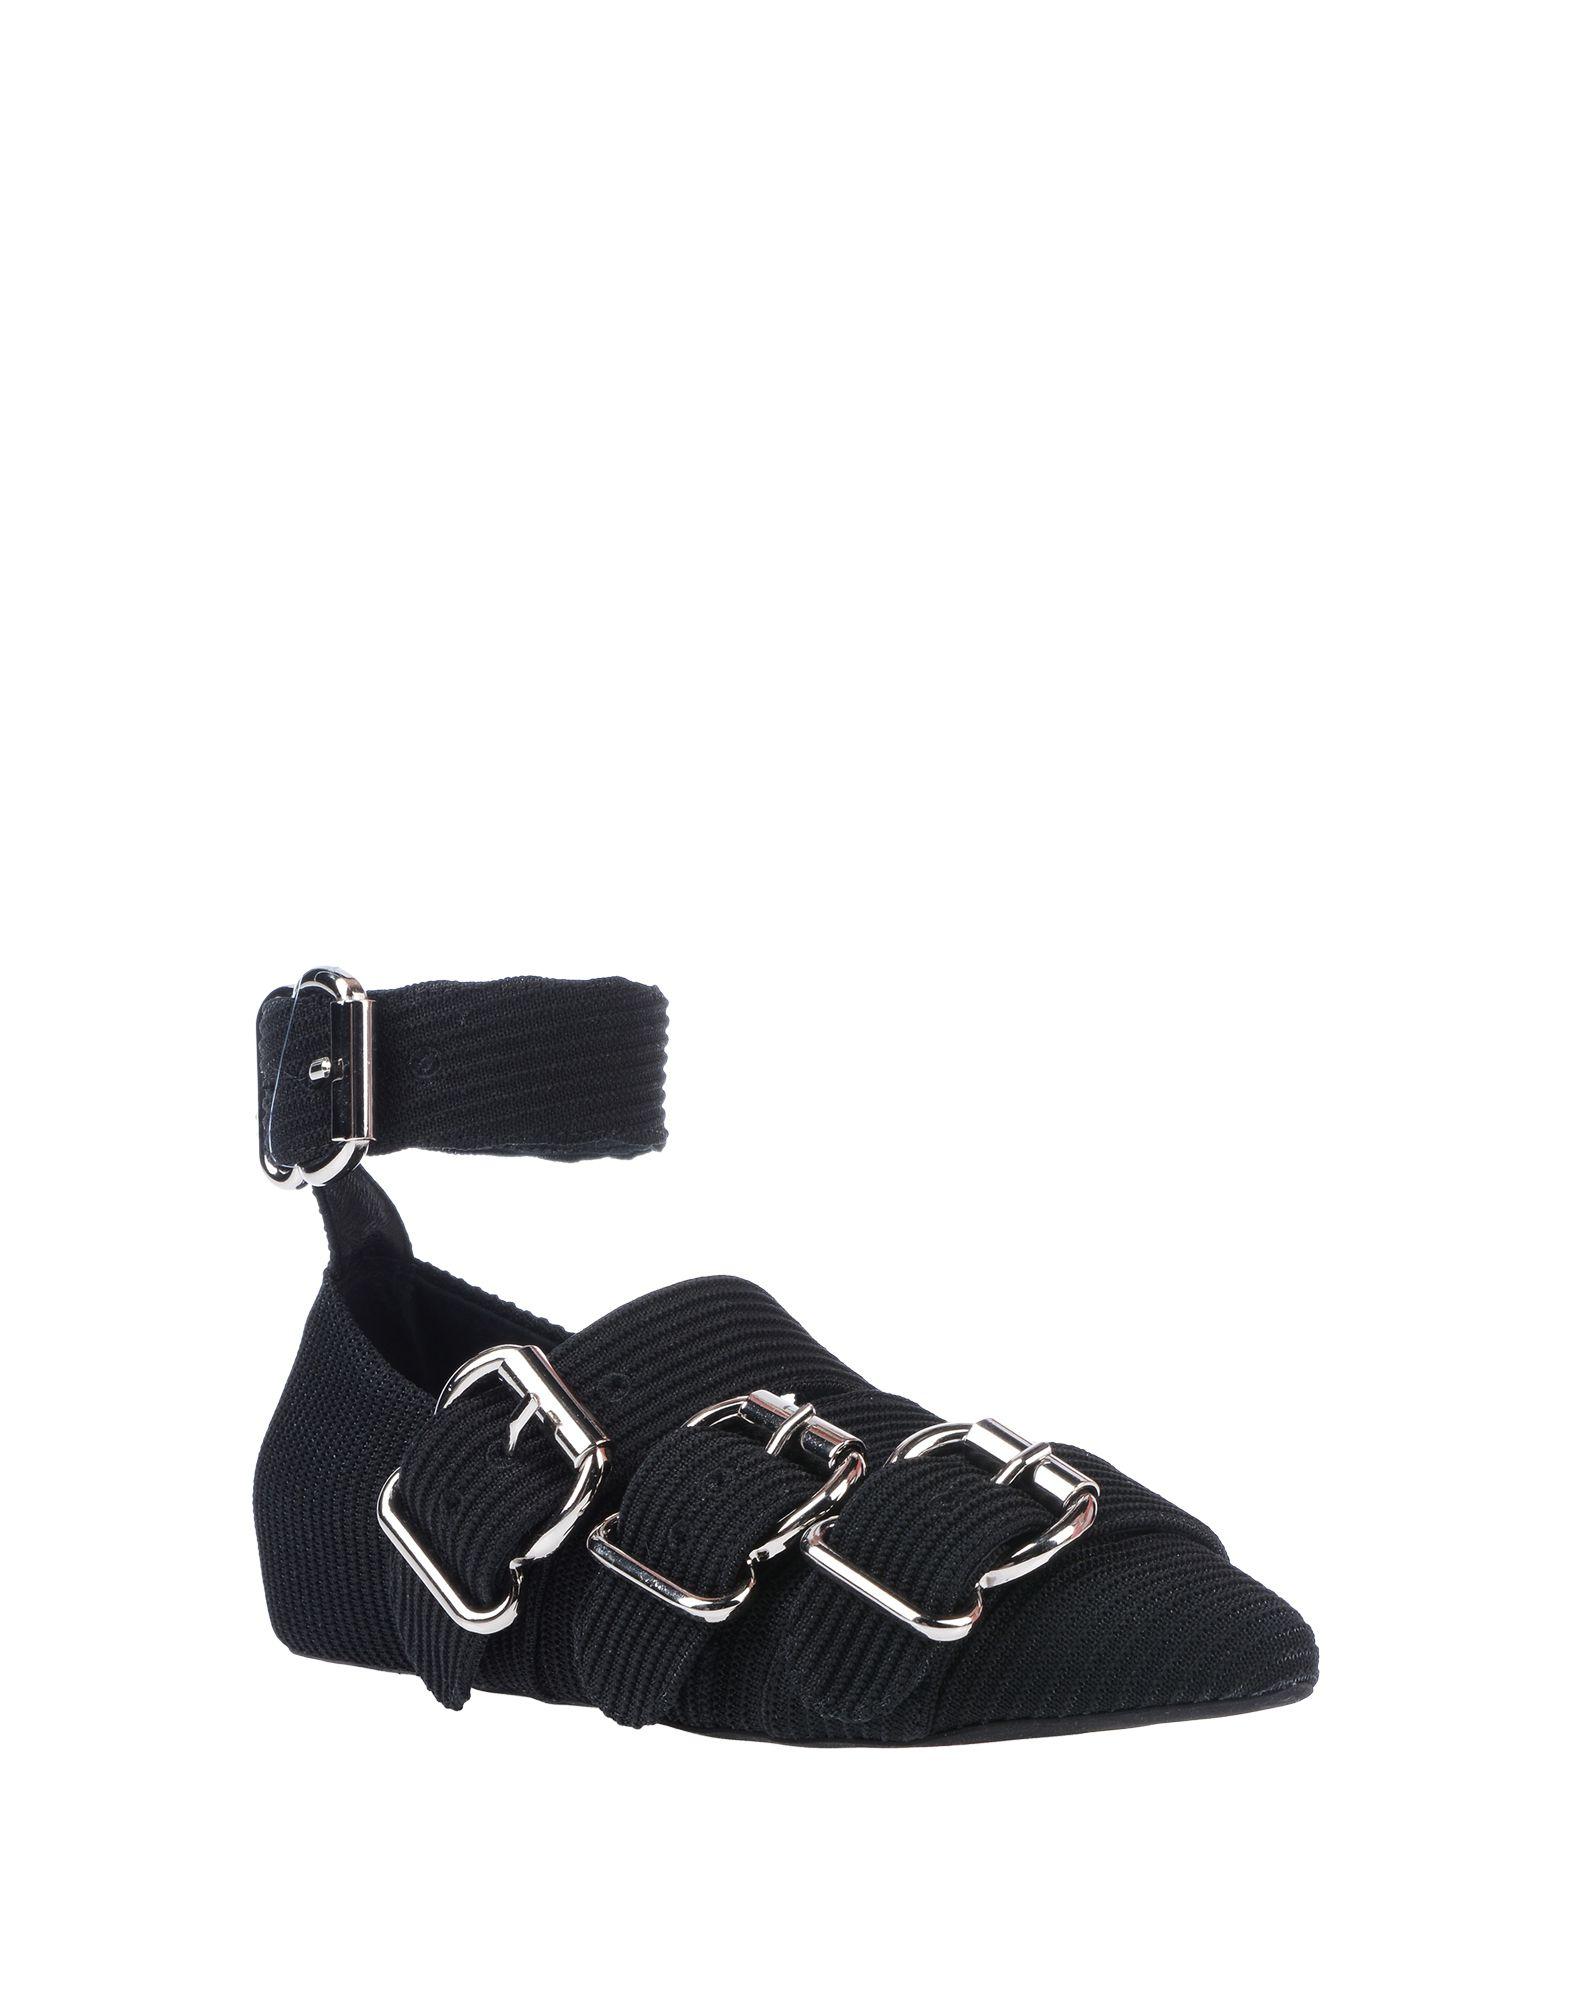 Jeffrey Campbell Campbell Campbell Stiefelette Damen  11535017RQ Gute Qualität beliebte Schuhe 237fbf